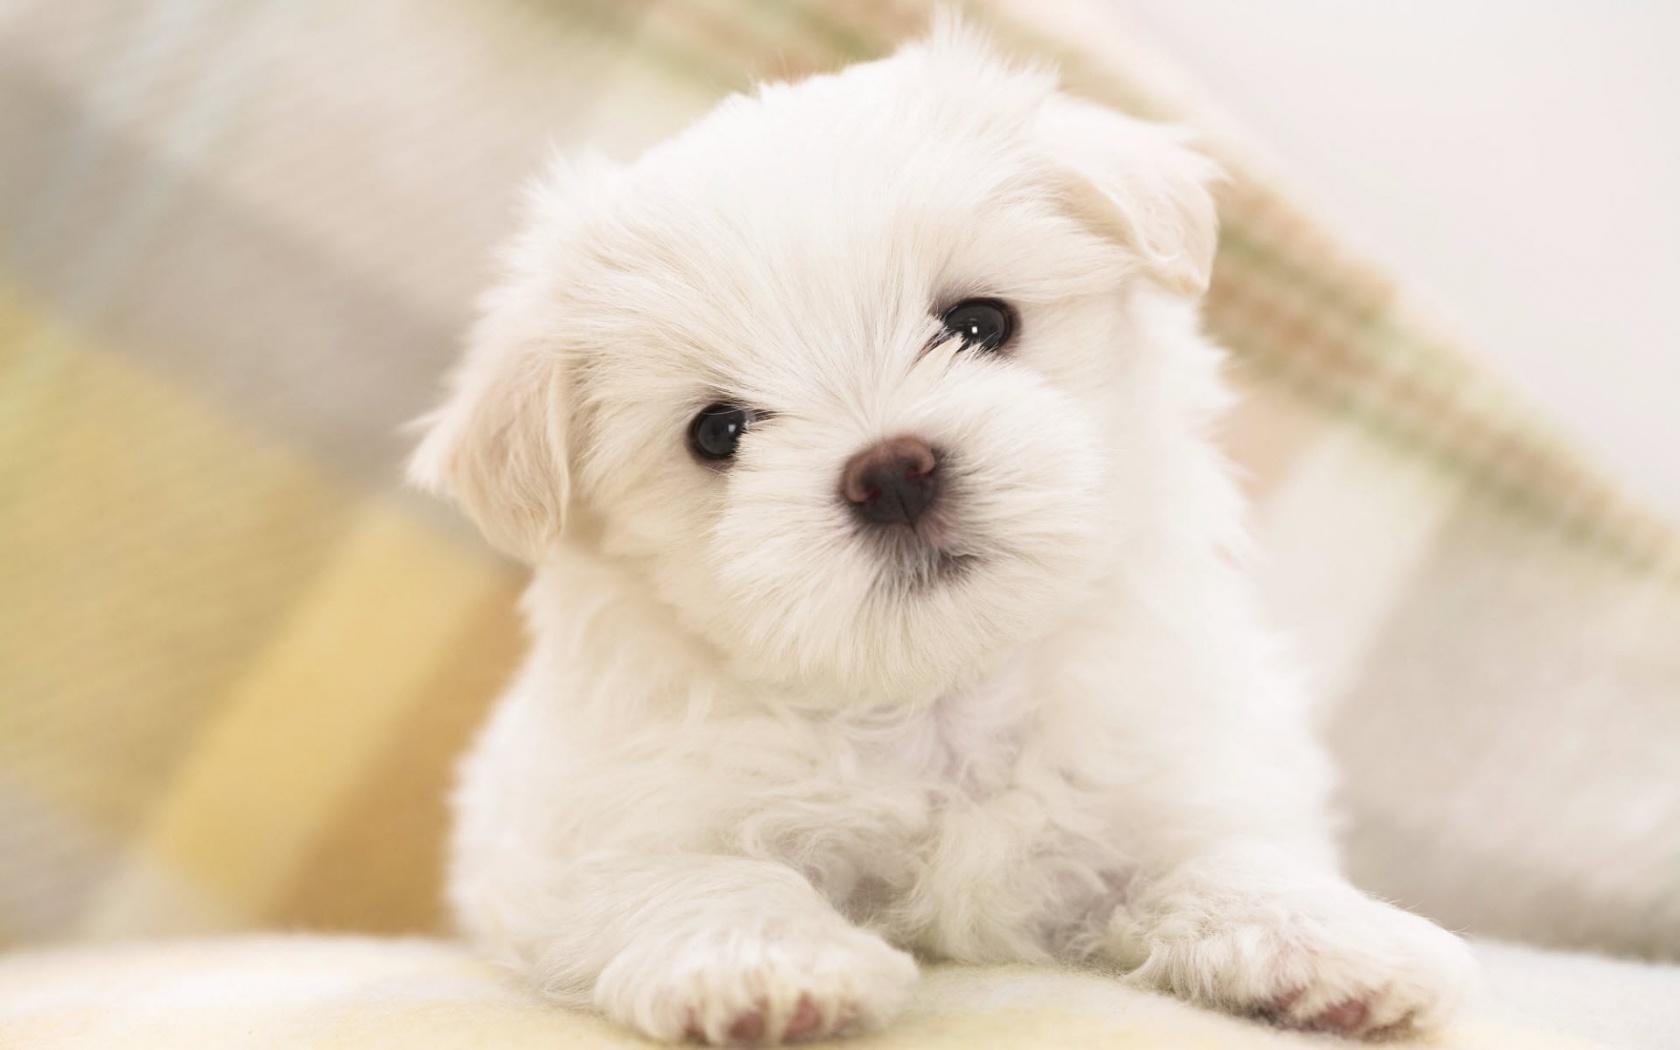 Hd cute puppy backgrounds | pixelstalk. Net.